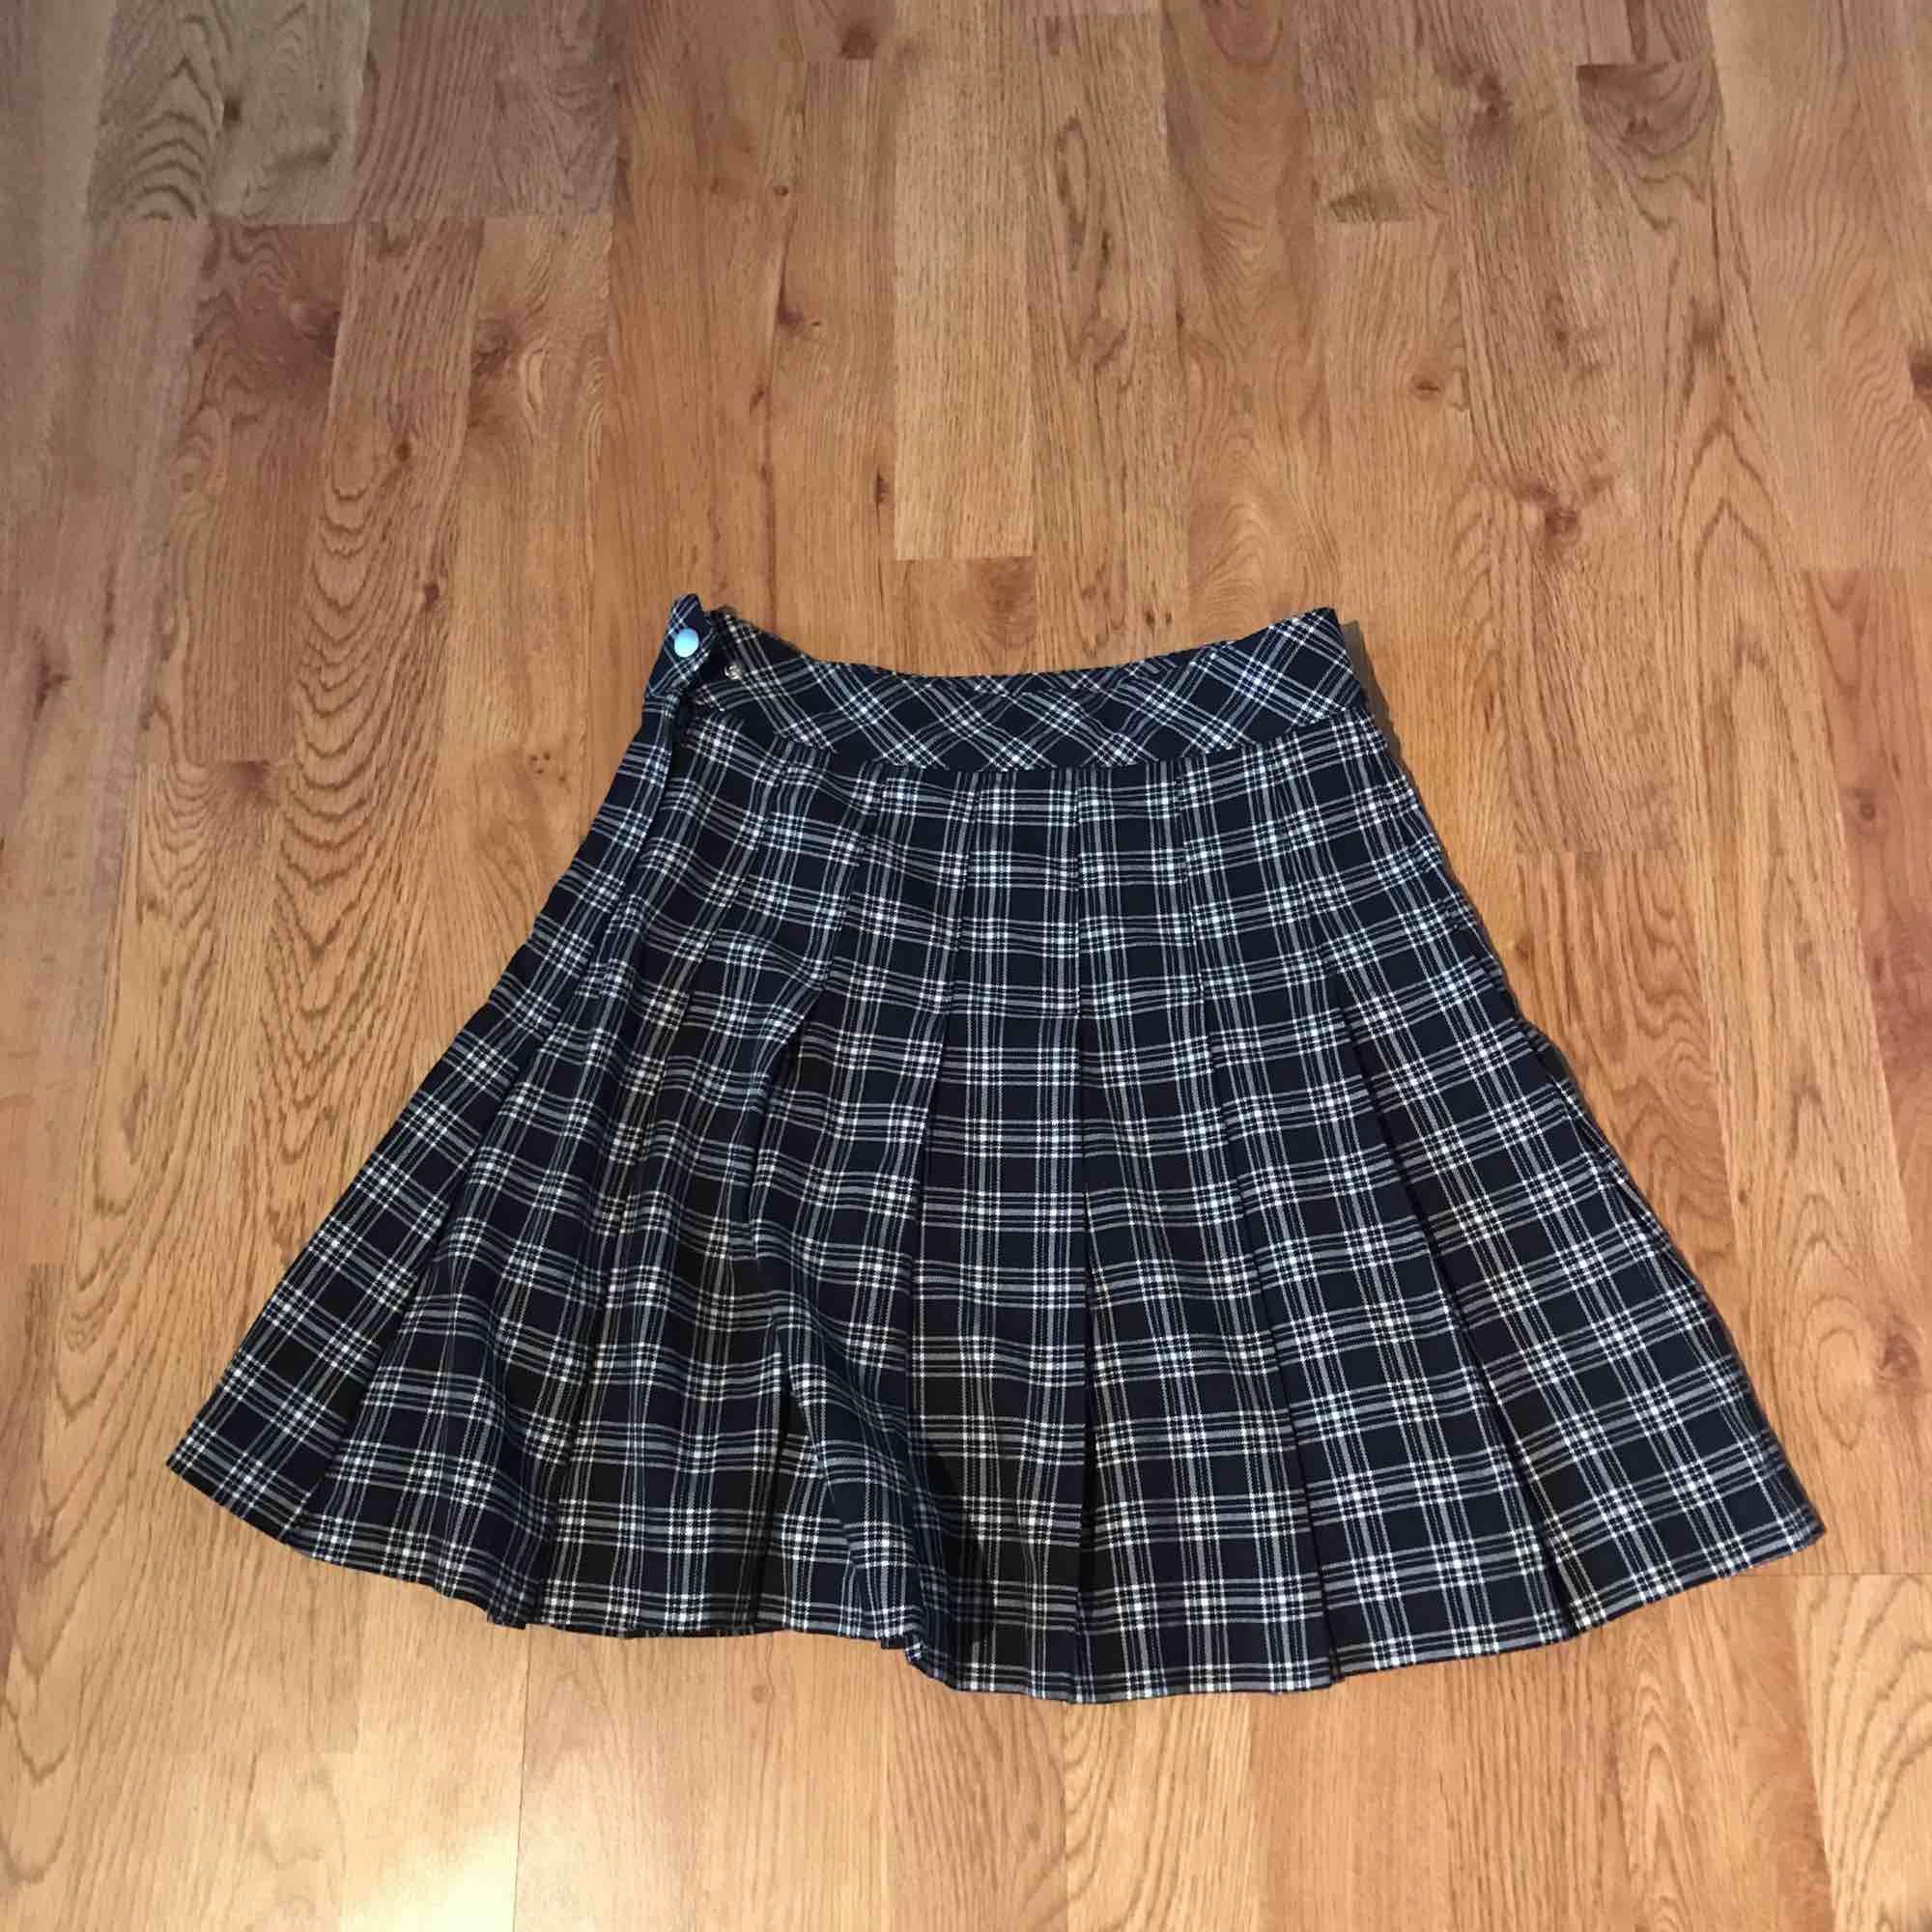 Fin skotskrutig kjol i nyskick. Har endast blivit använd ett fåtal gångar. Säljer den på grund av att storleken inte passar mig längre. Köpte den i juli detta året 2019 Passar till många outfits. . Kjolar.